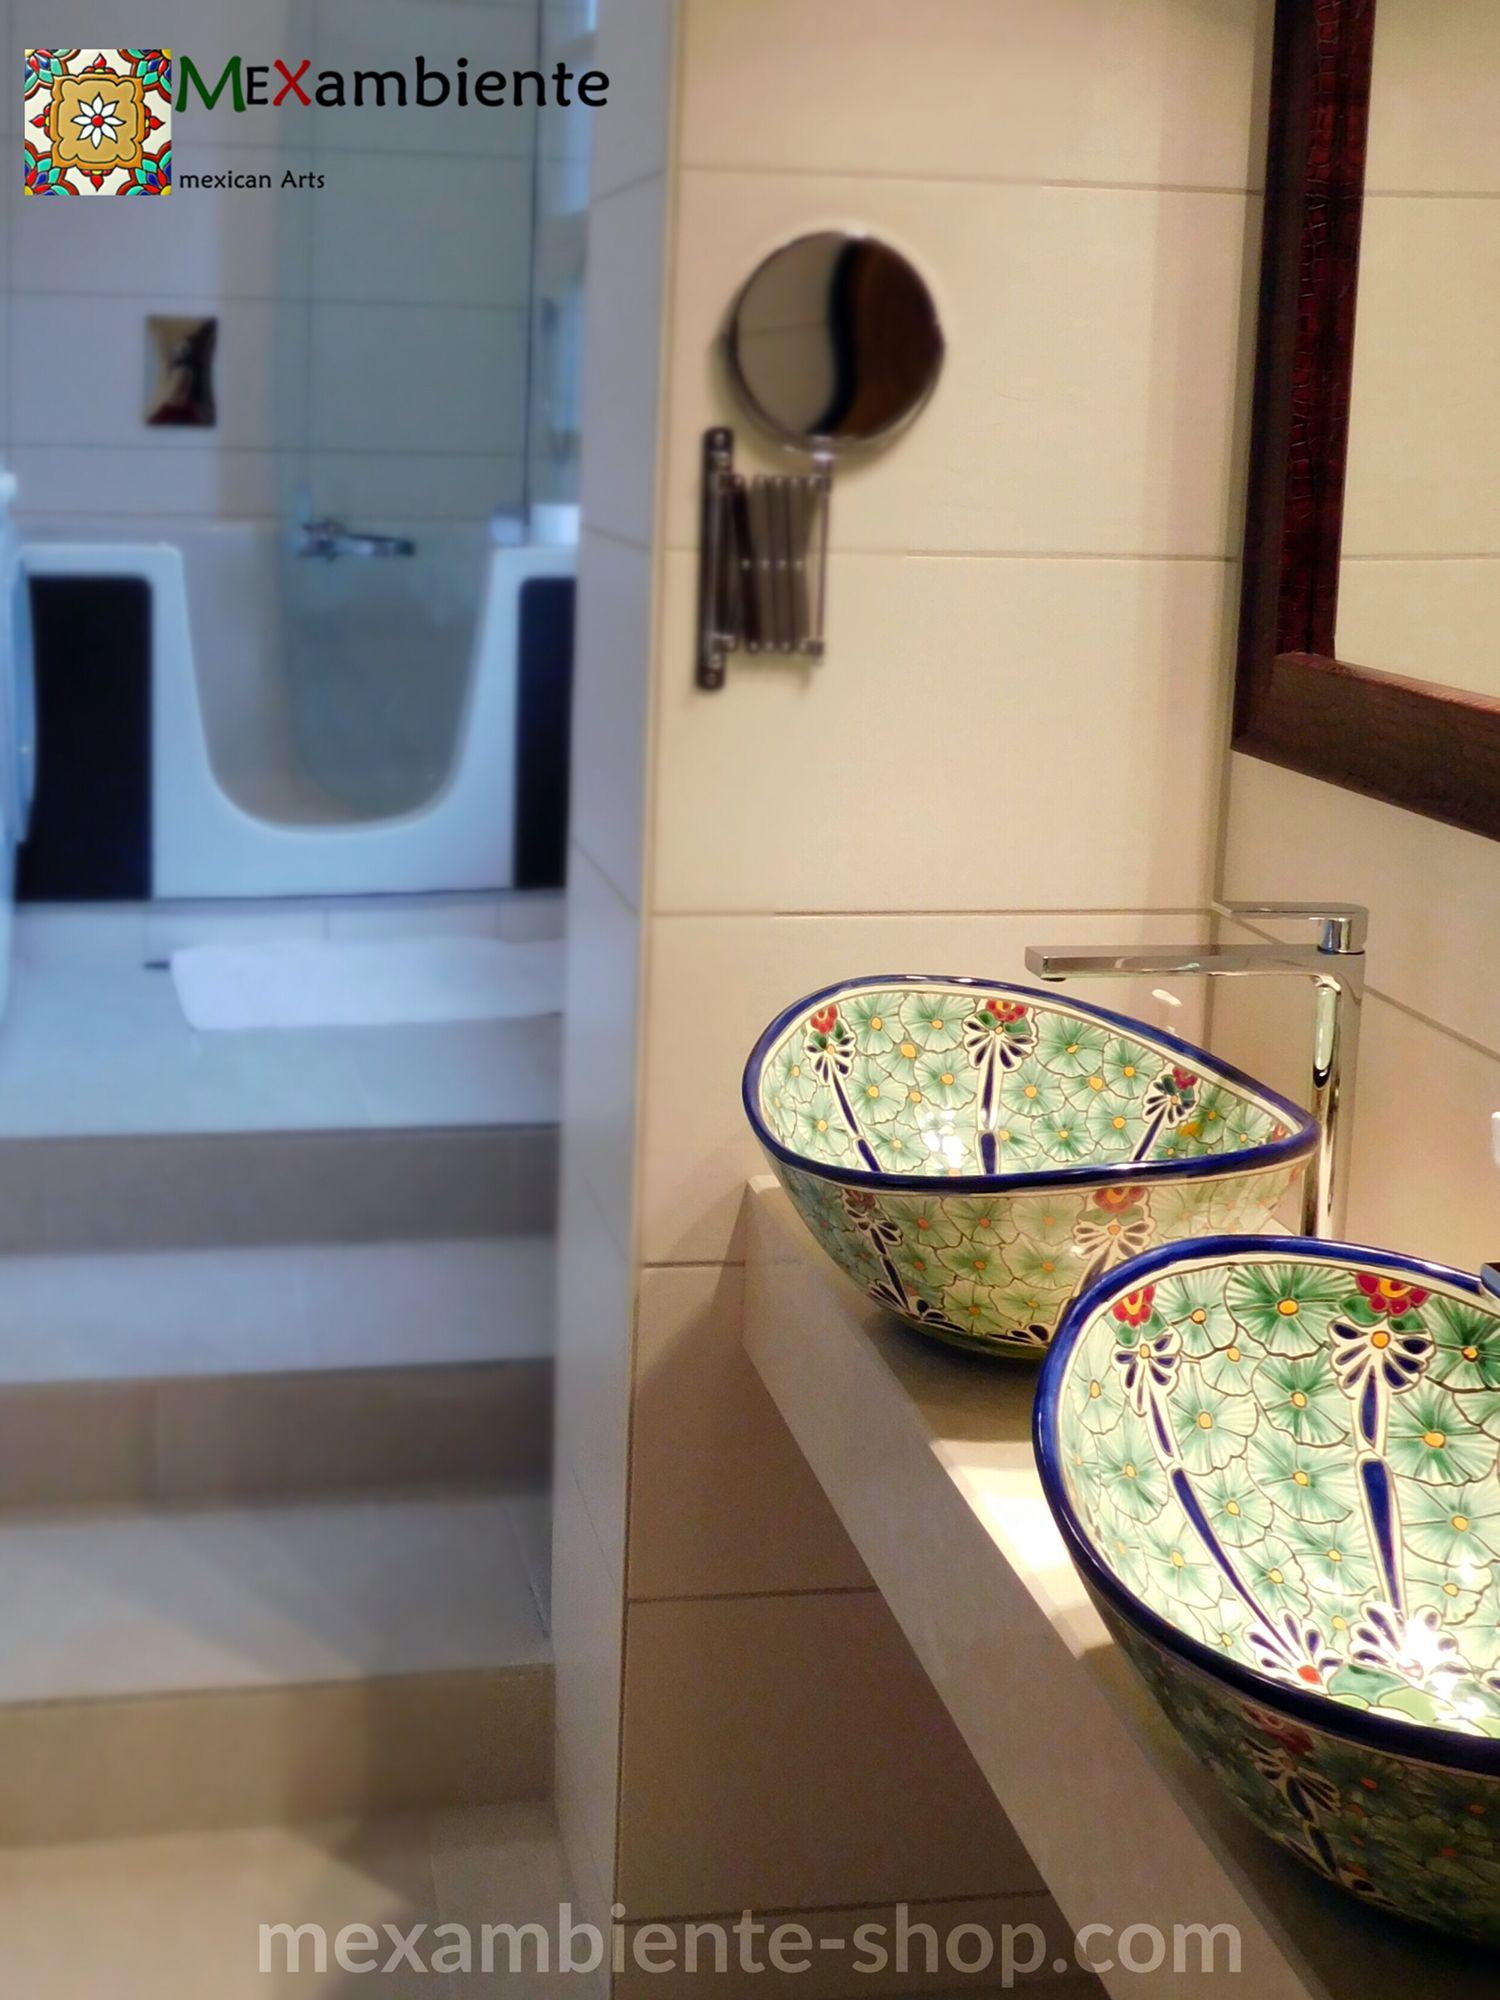 Dieses Besondere Bunte Waschbecken Von Mexambiente Versprüht In Ihrem  Badezimmeru2026